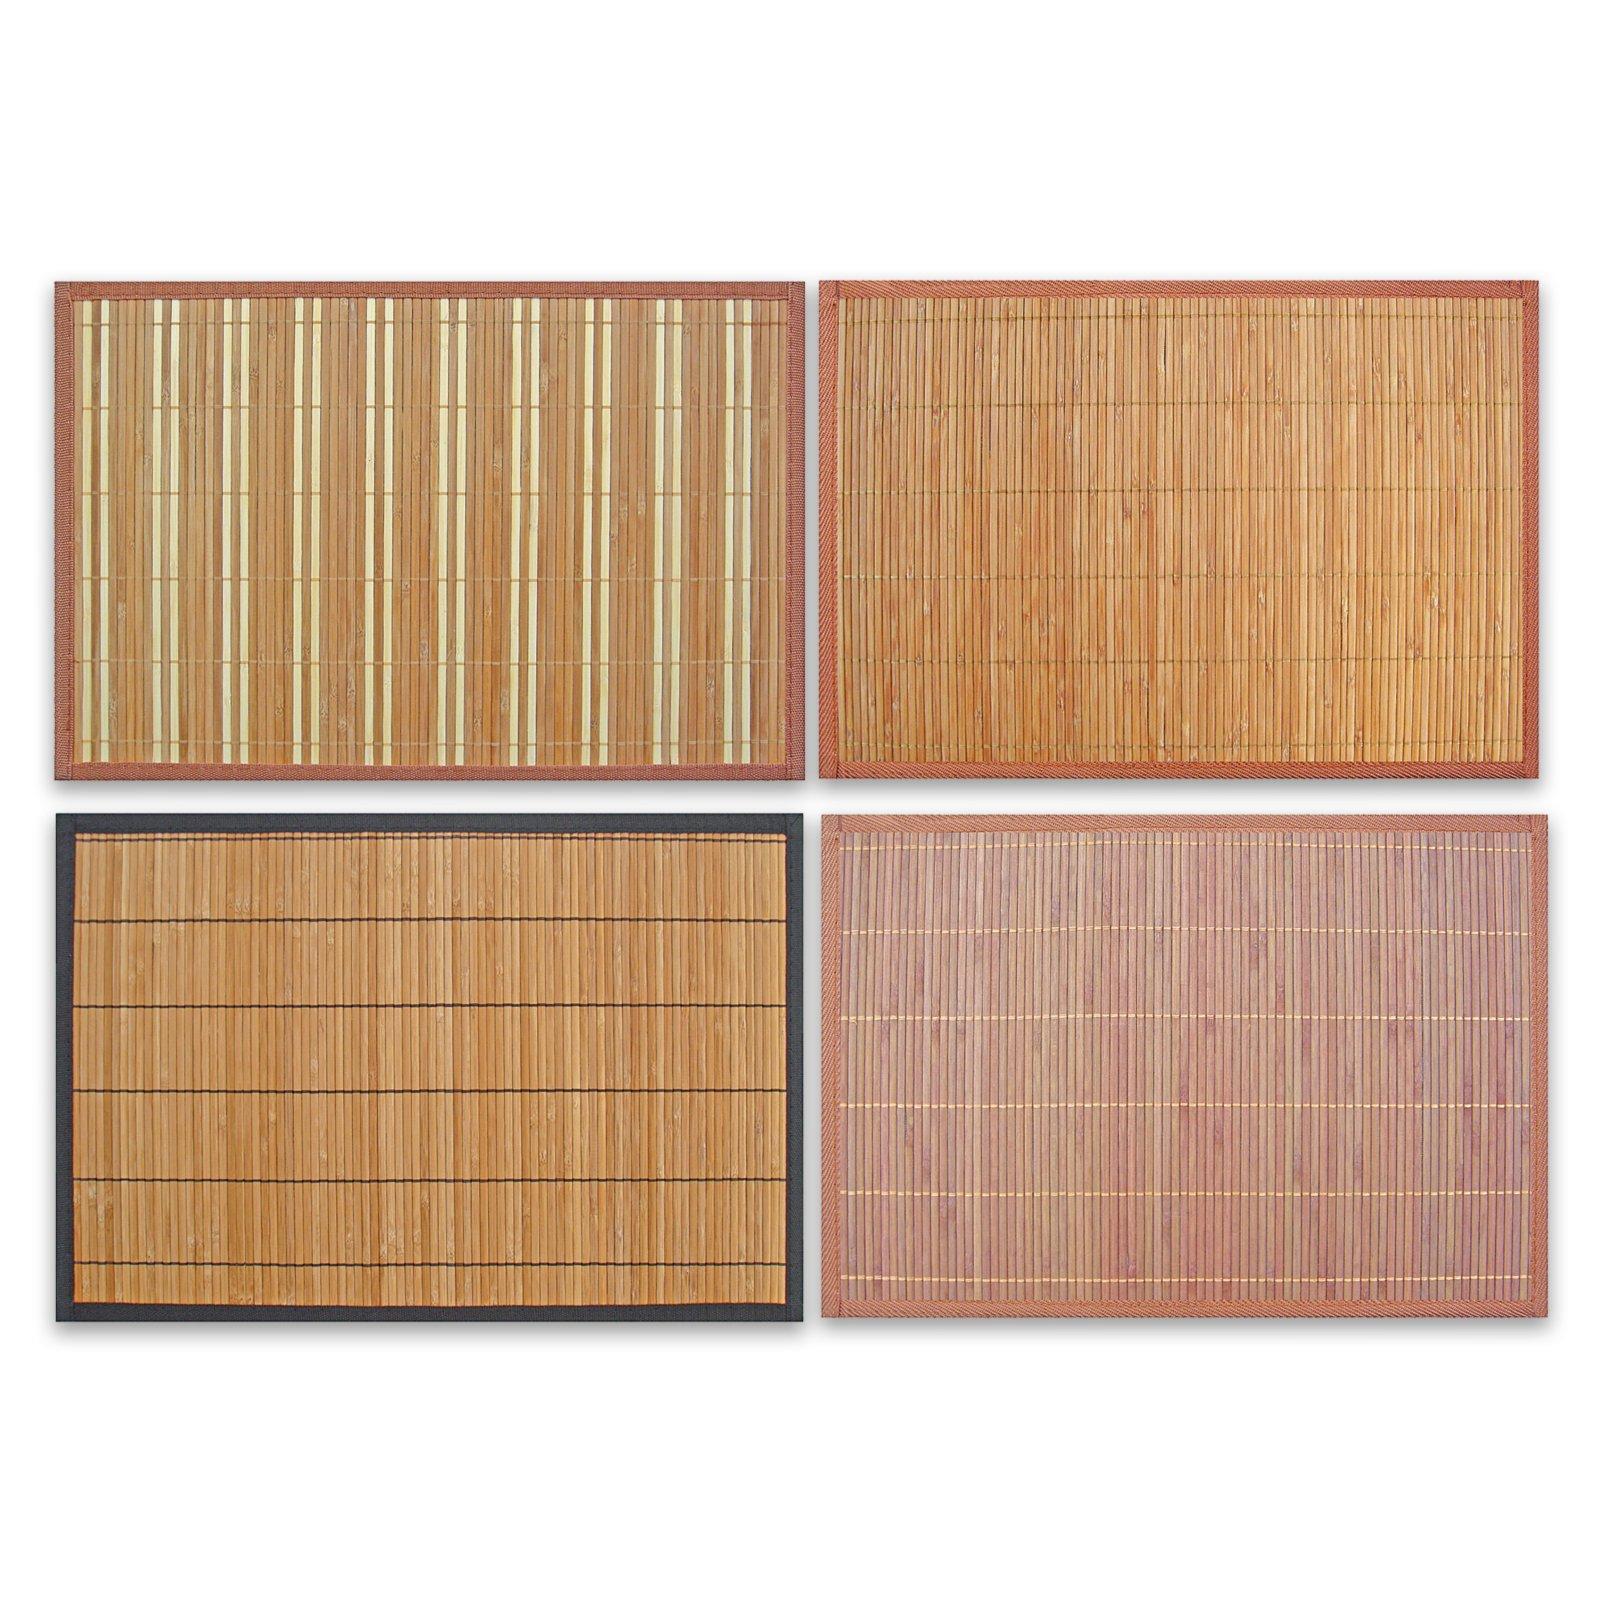 Tischset - Bambus - sortiertes Design - 30x45 cm